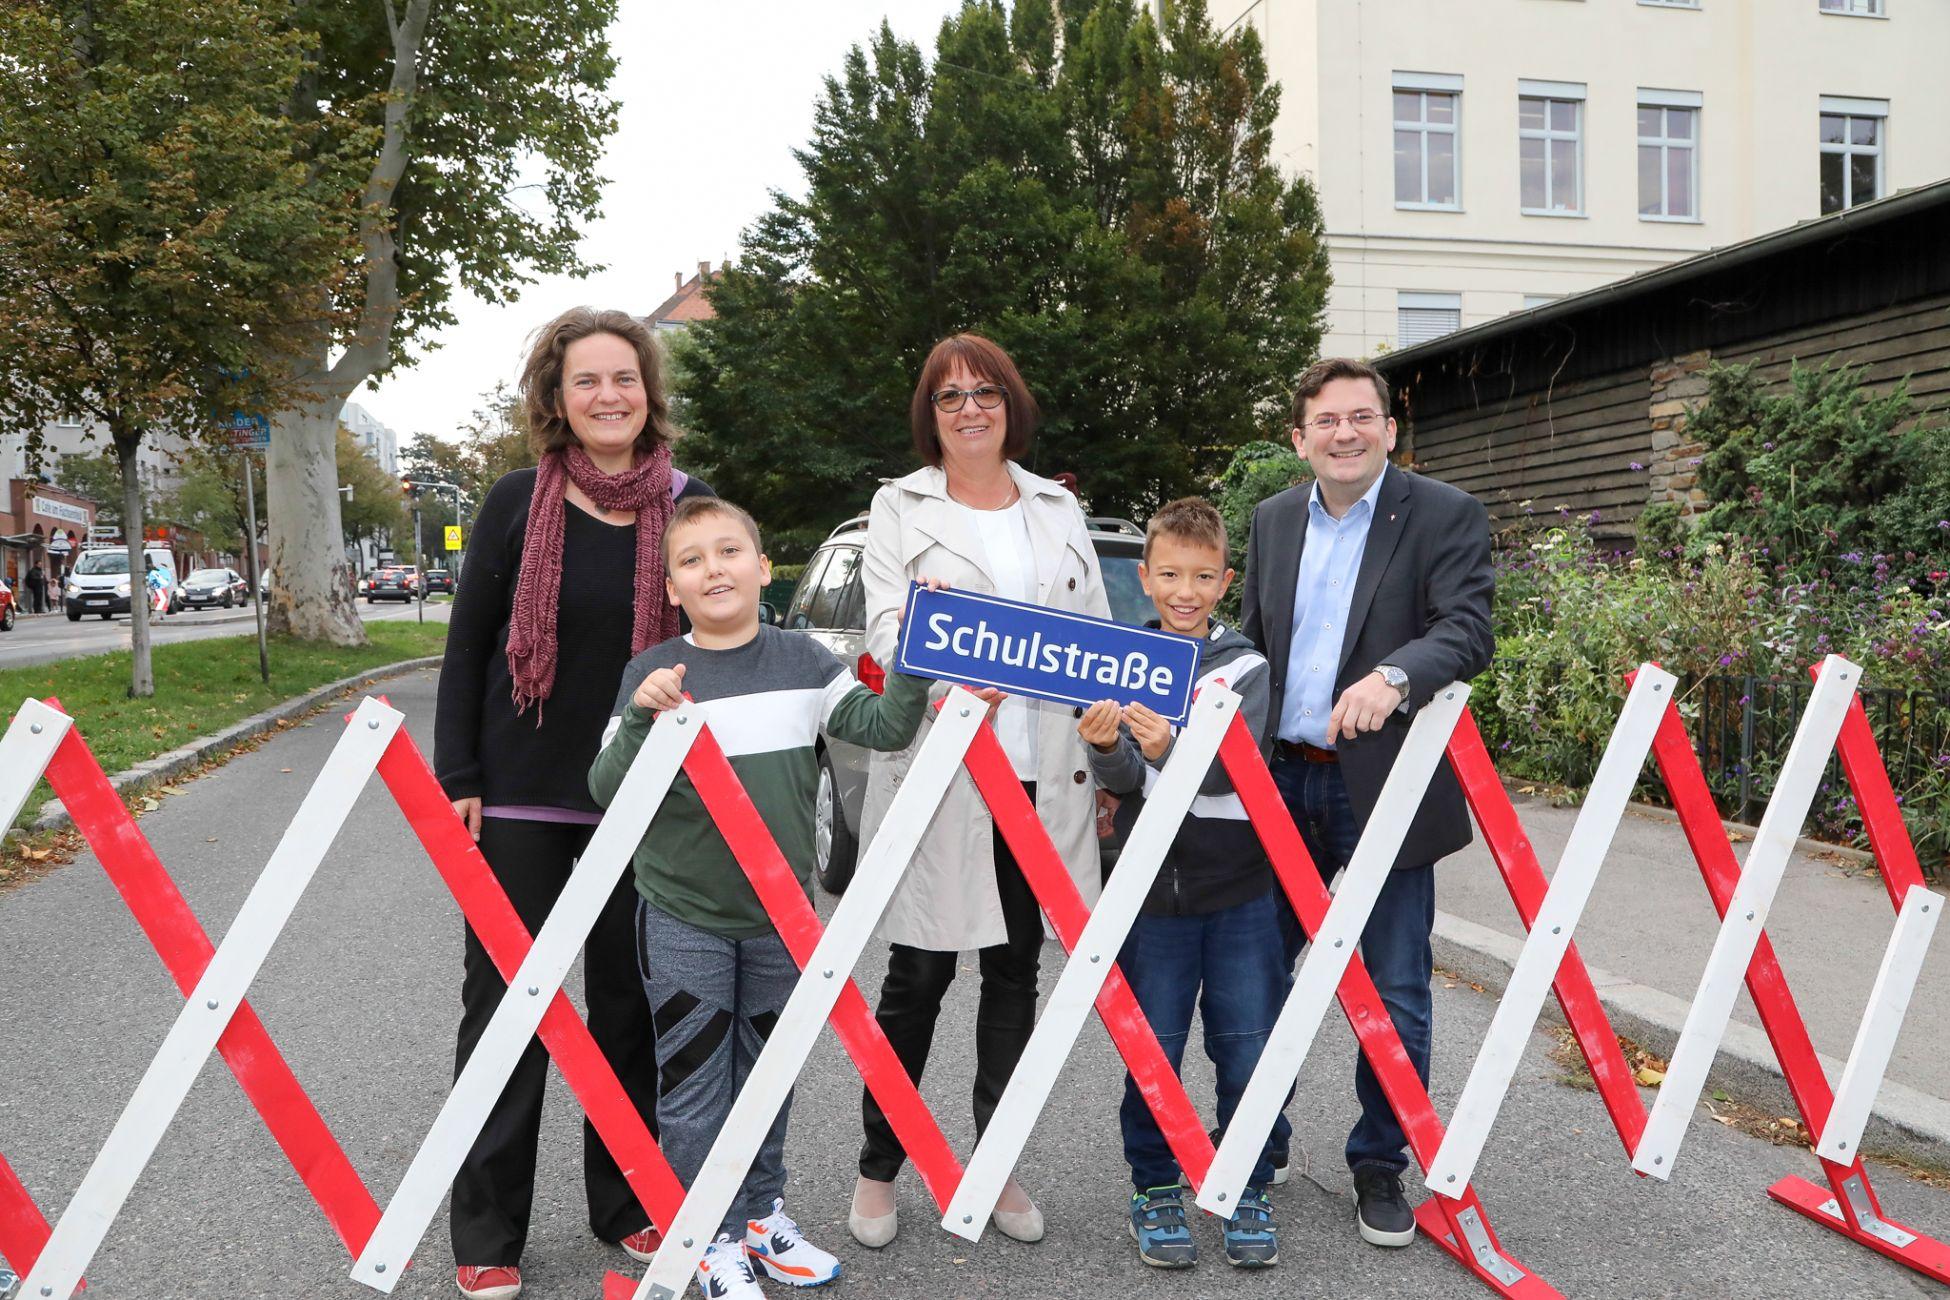 Vor der Volksschule Deckergasse im 12. Bezirk gilt seit Schulbeginn 2019 Schulstraße. Ein Fahrverbot für Kfz von 30 MInuten vor Unterrichtsbeginn.